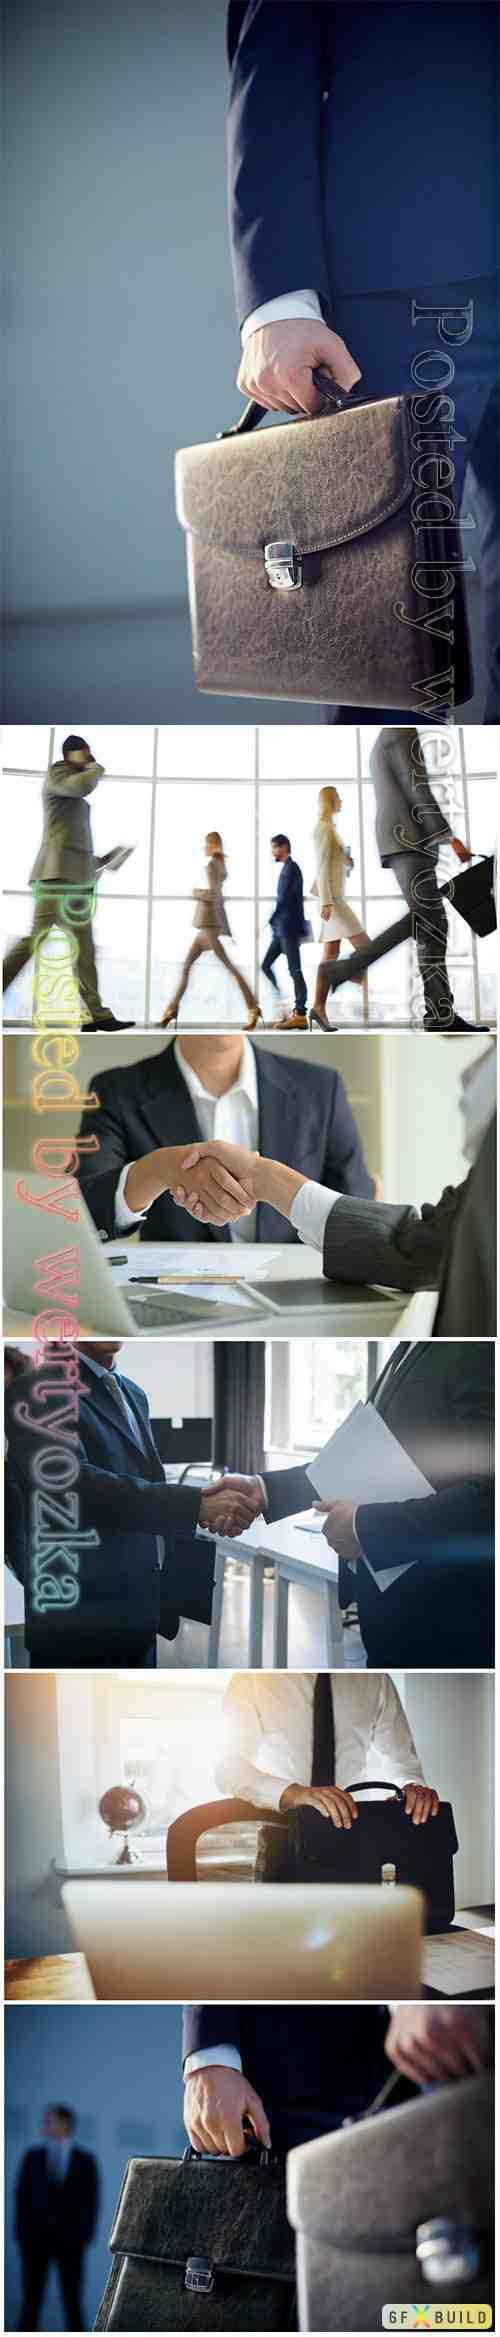 Business people beautiful stock photo